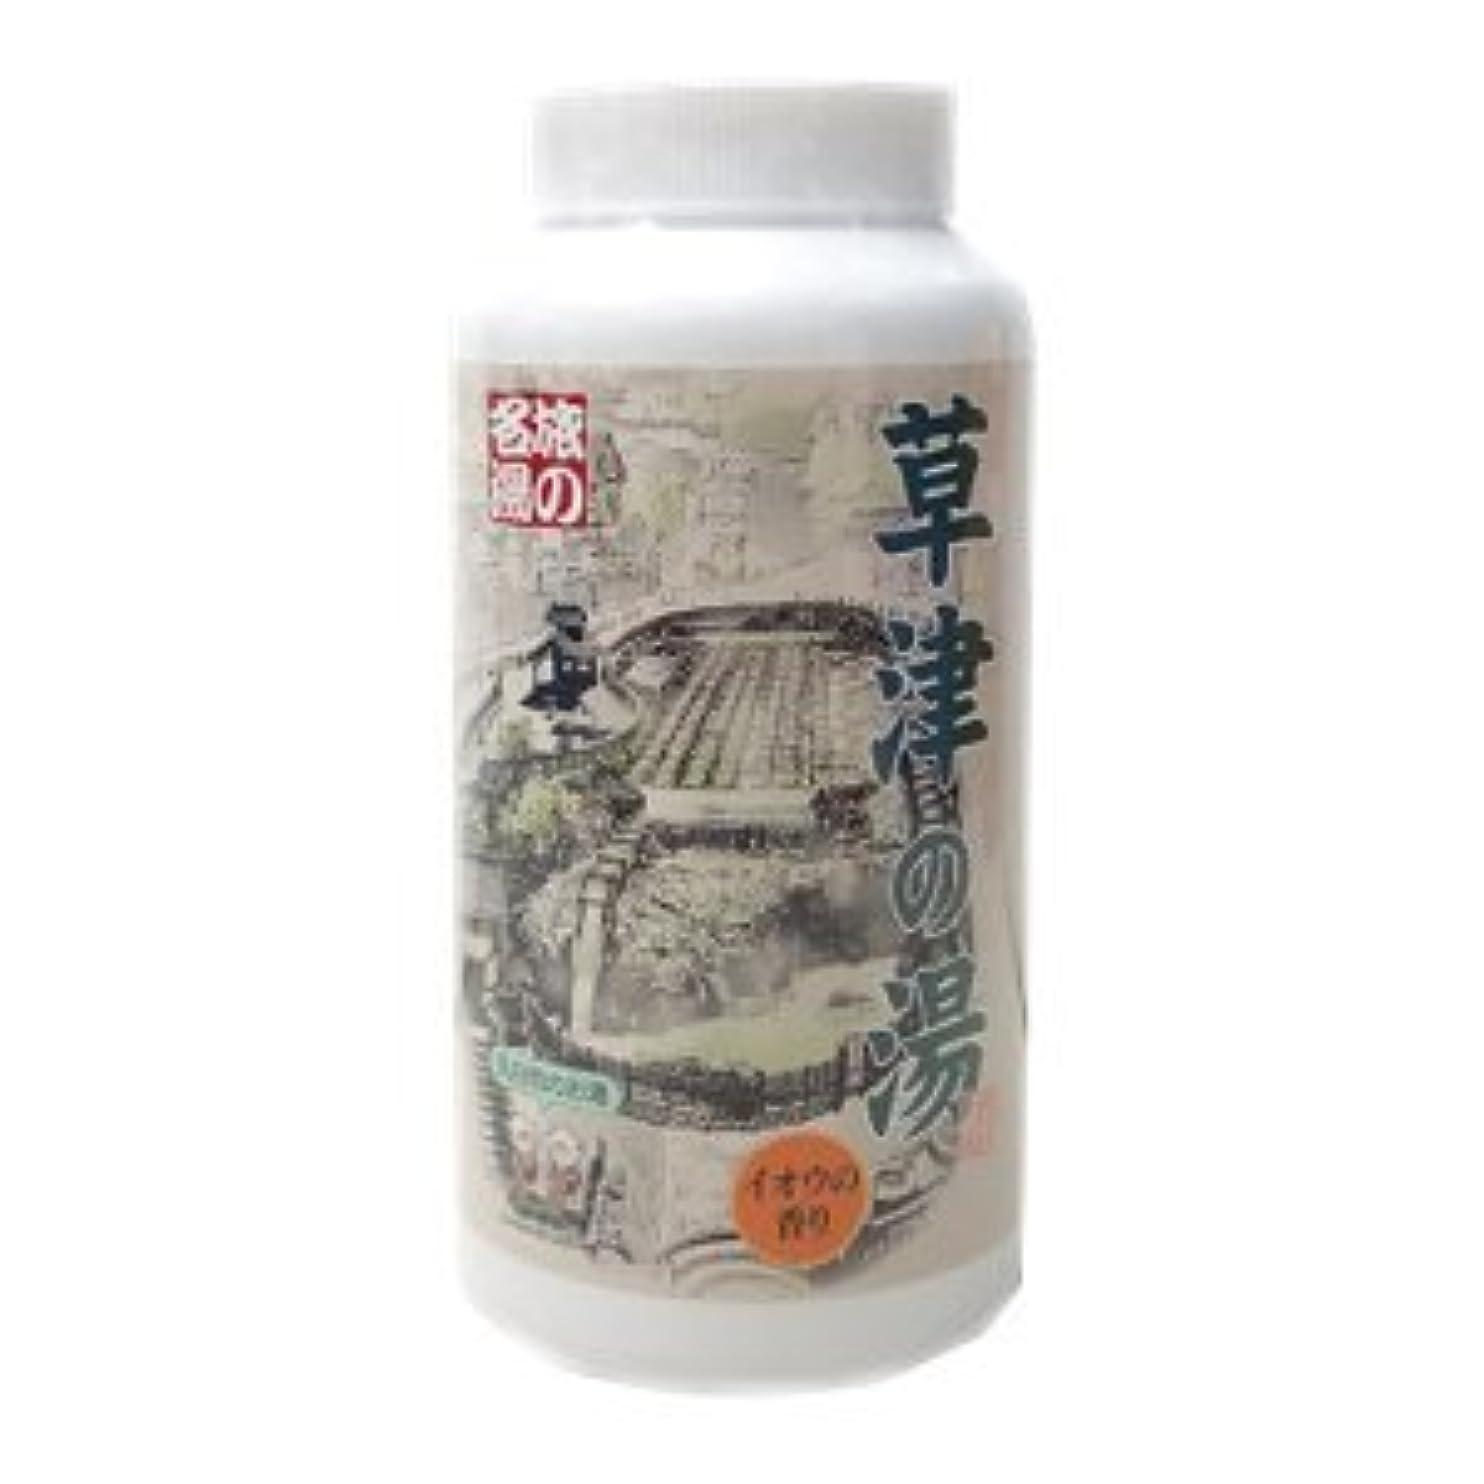 囚人どんなときもそして草津の湯入浴剤 『イオウの香り』 乳白色のお湯 500g 20回分